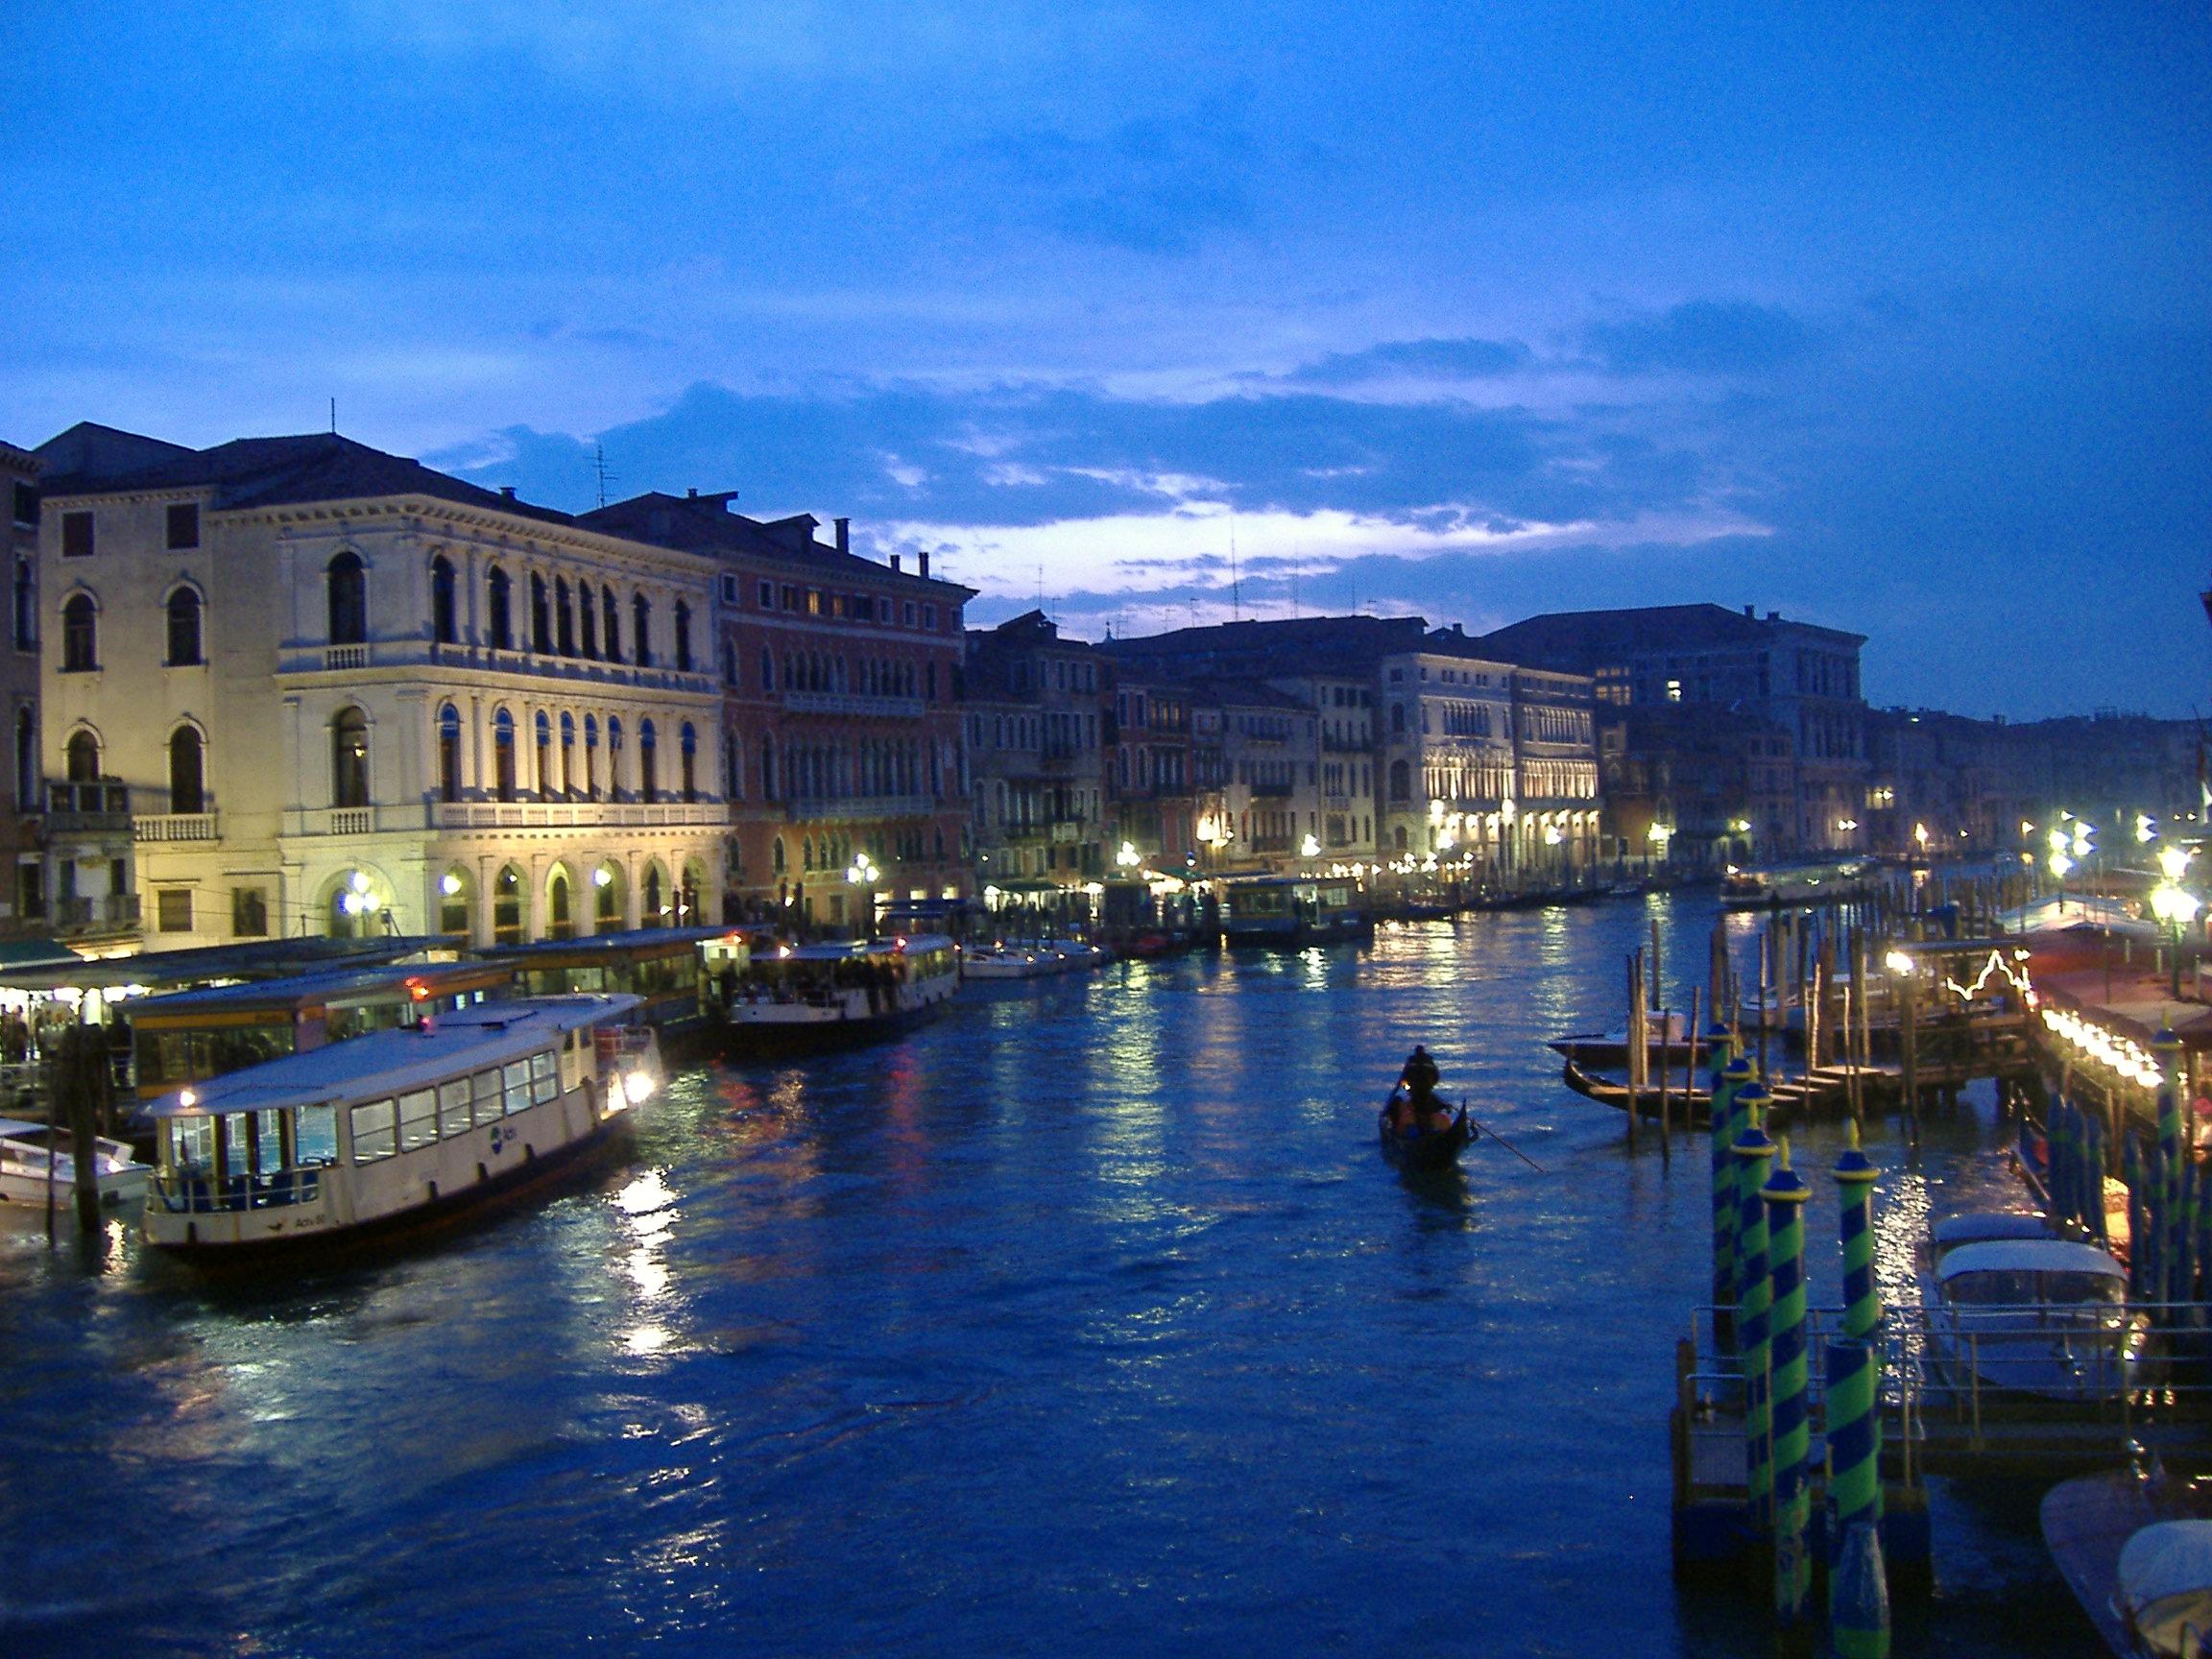 Alquiler de yates en Venecia. Alquiler de barcos baratos en Venecia. Yates de lujo de alquiler en Venecia. Superyates de alquiler.